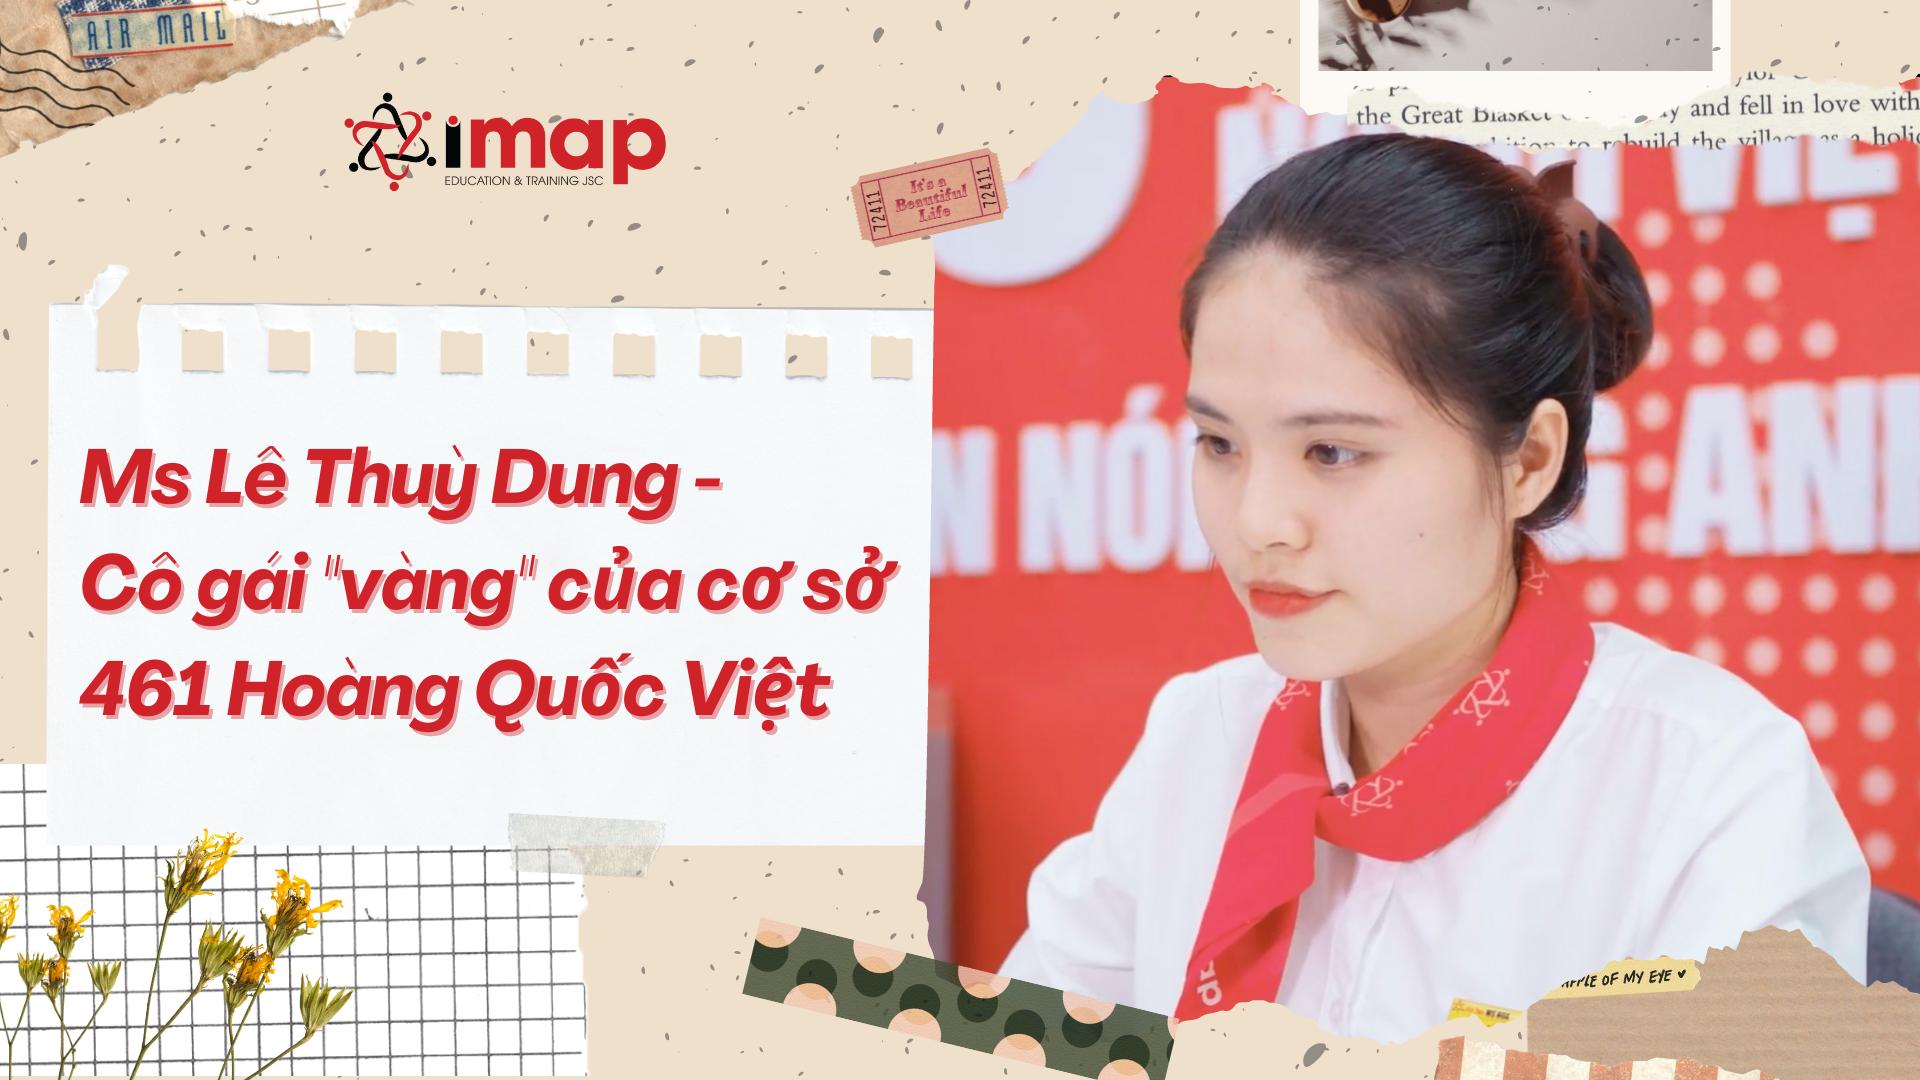 Ms Lê Thuỳ Dung - Cô gái